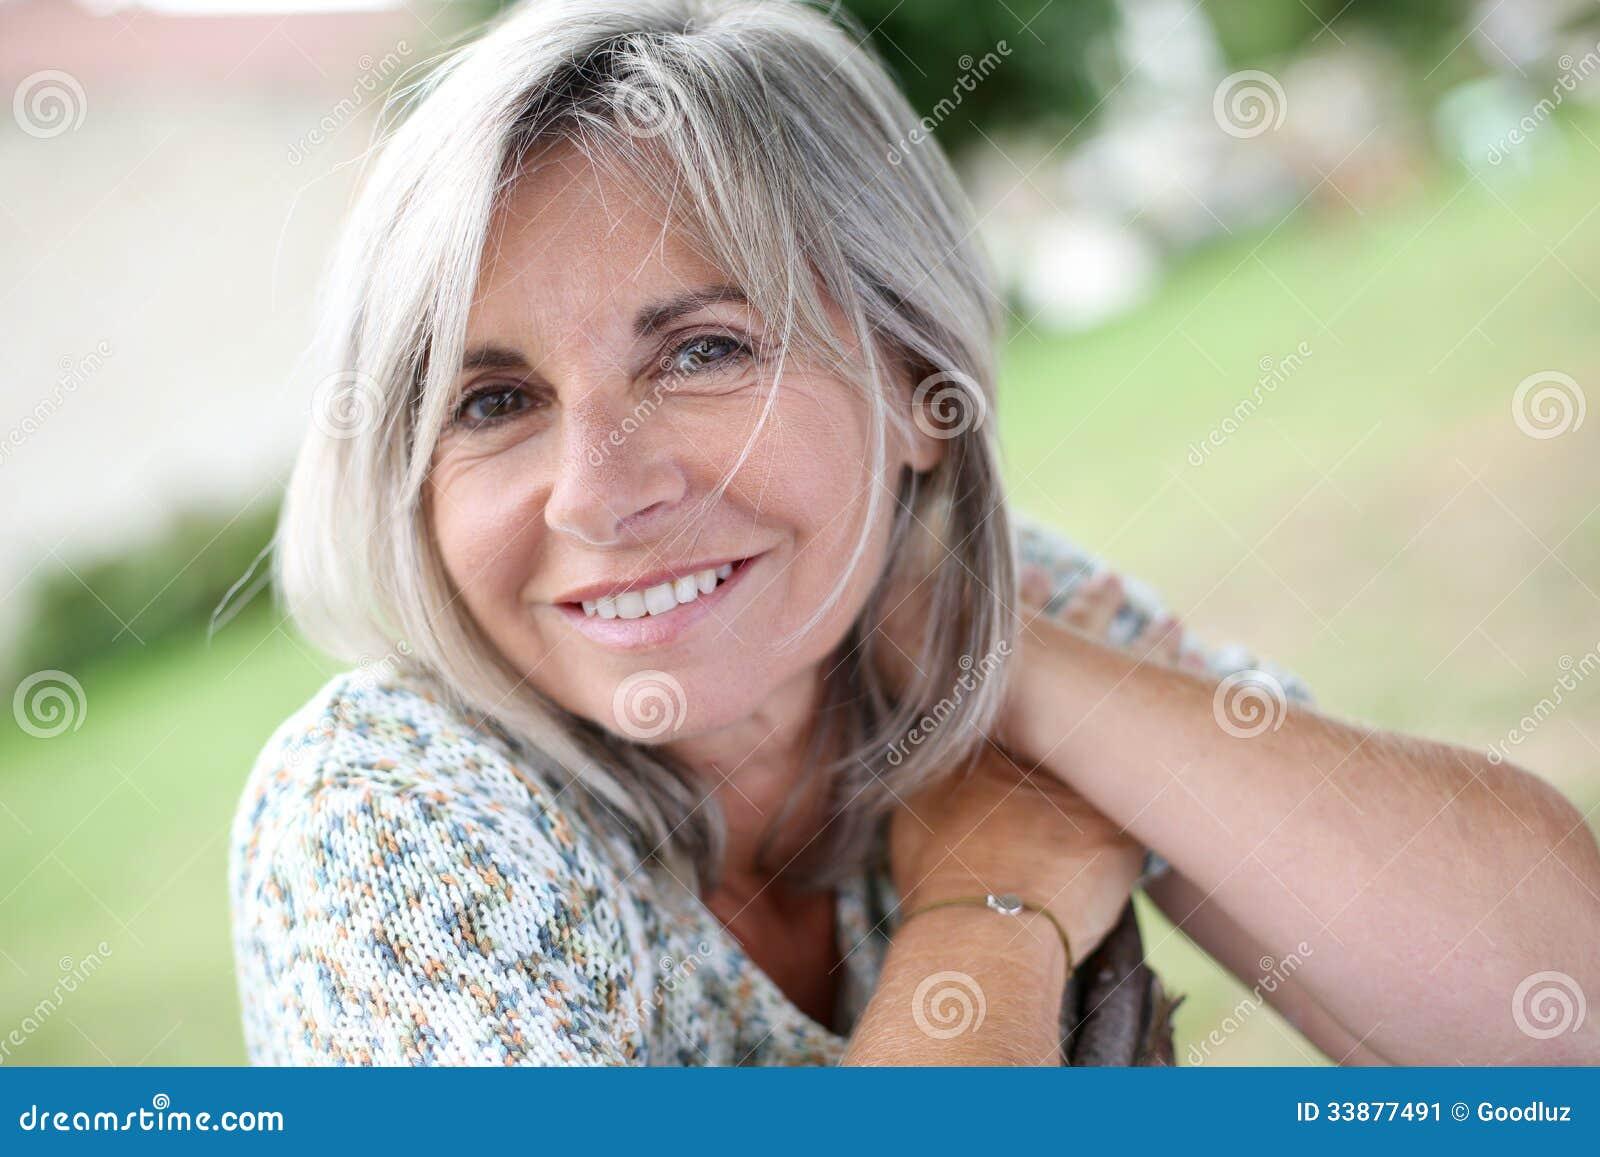 badoo logga in mogna kvinnor bilder